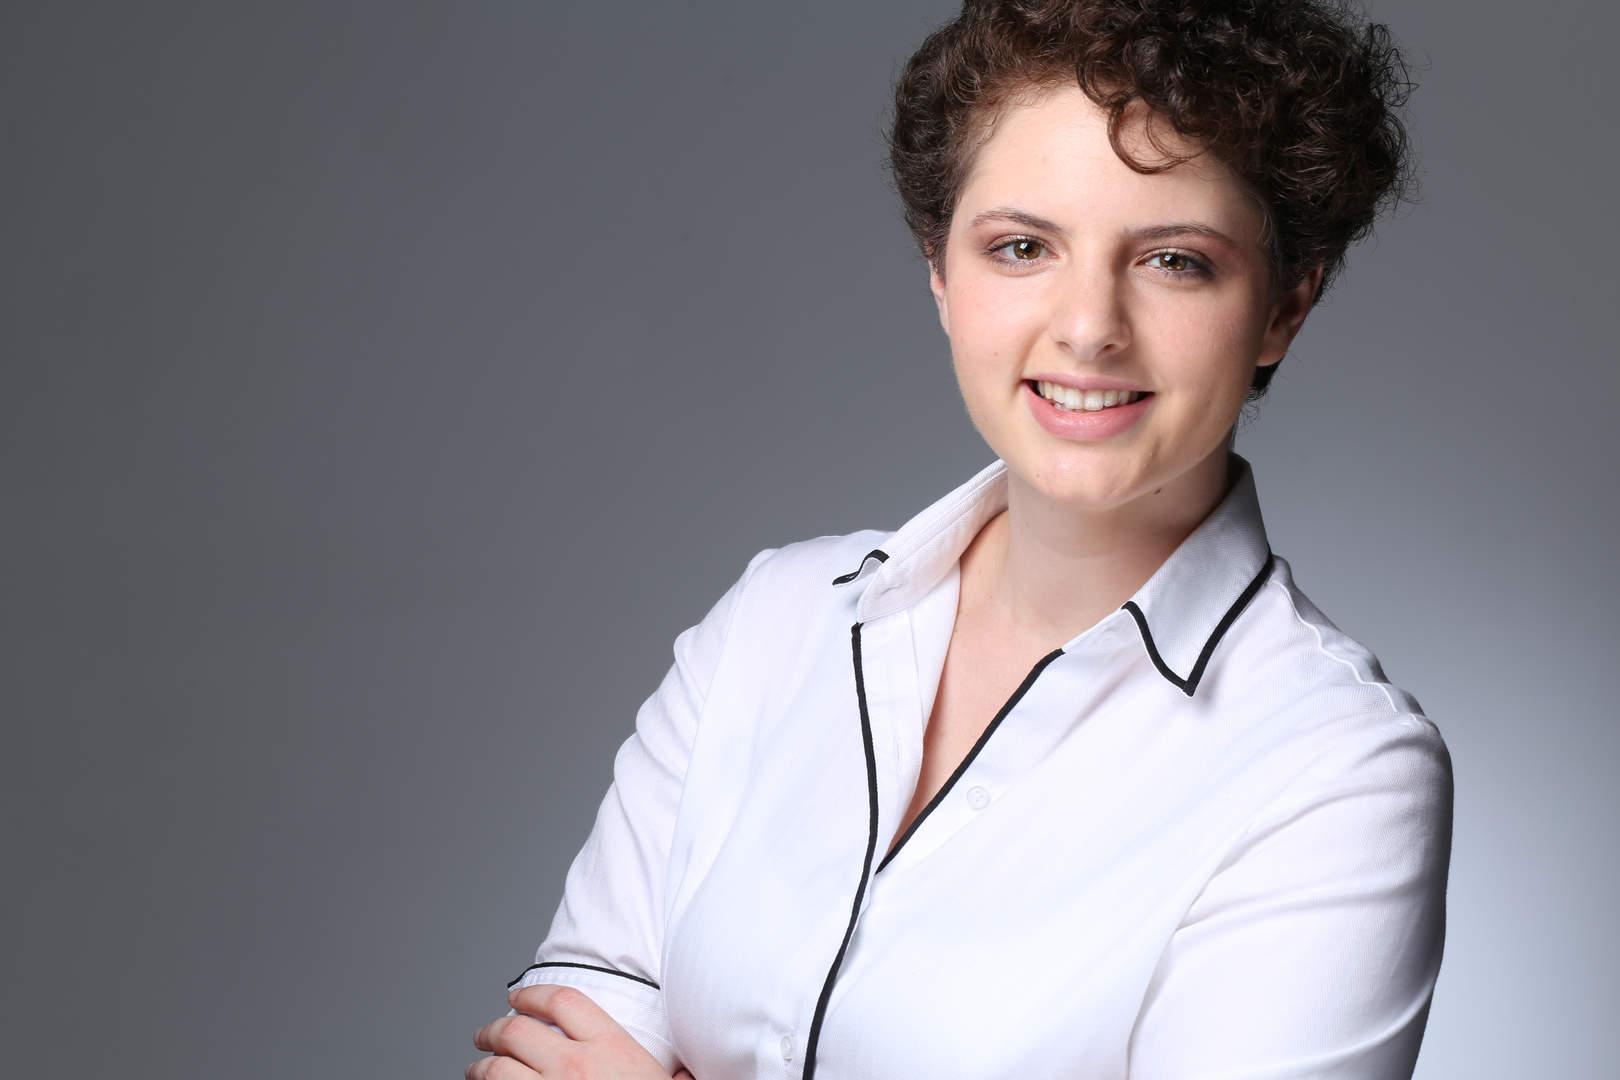 Nathalie Stiefsohn